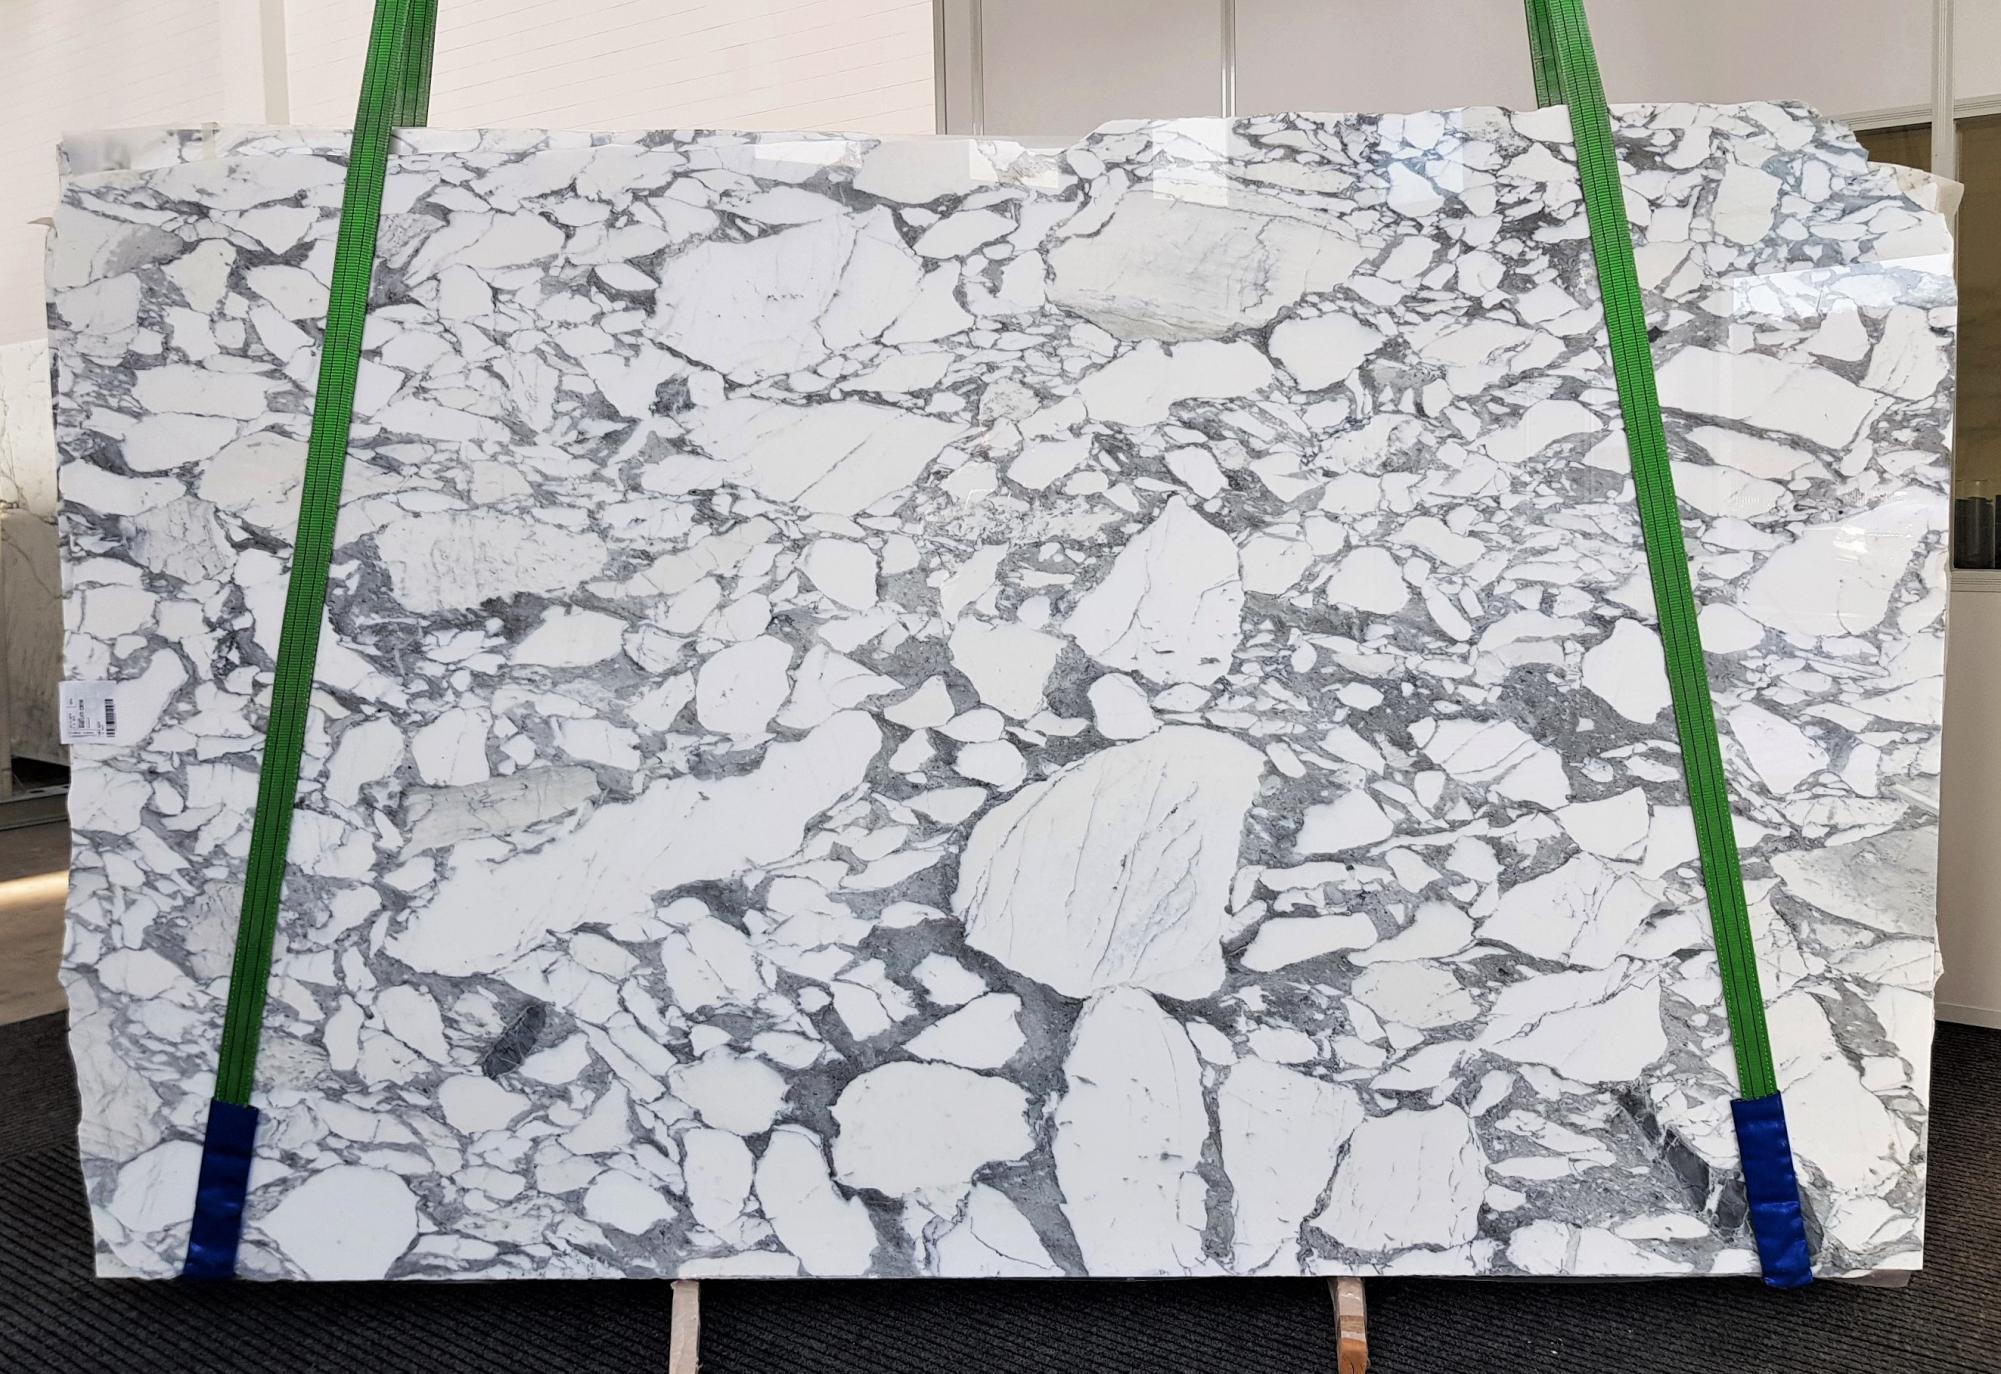 ARABESCATO CORCHIA Suministro Verona (Italia) de planchas pulidas en mármol natural 1031 , Slab #01